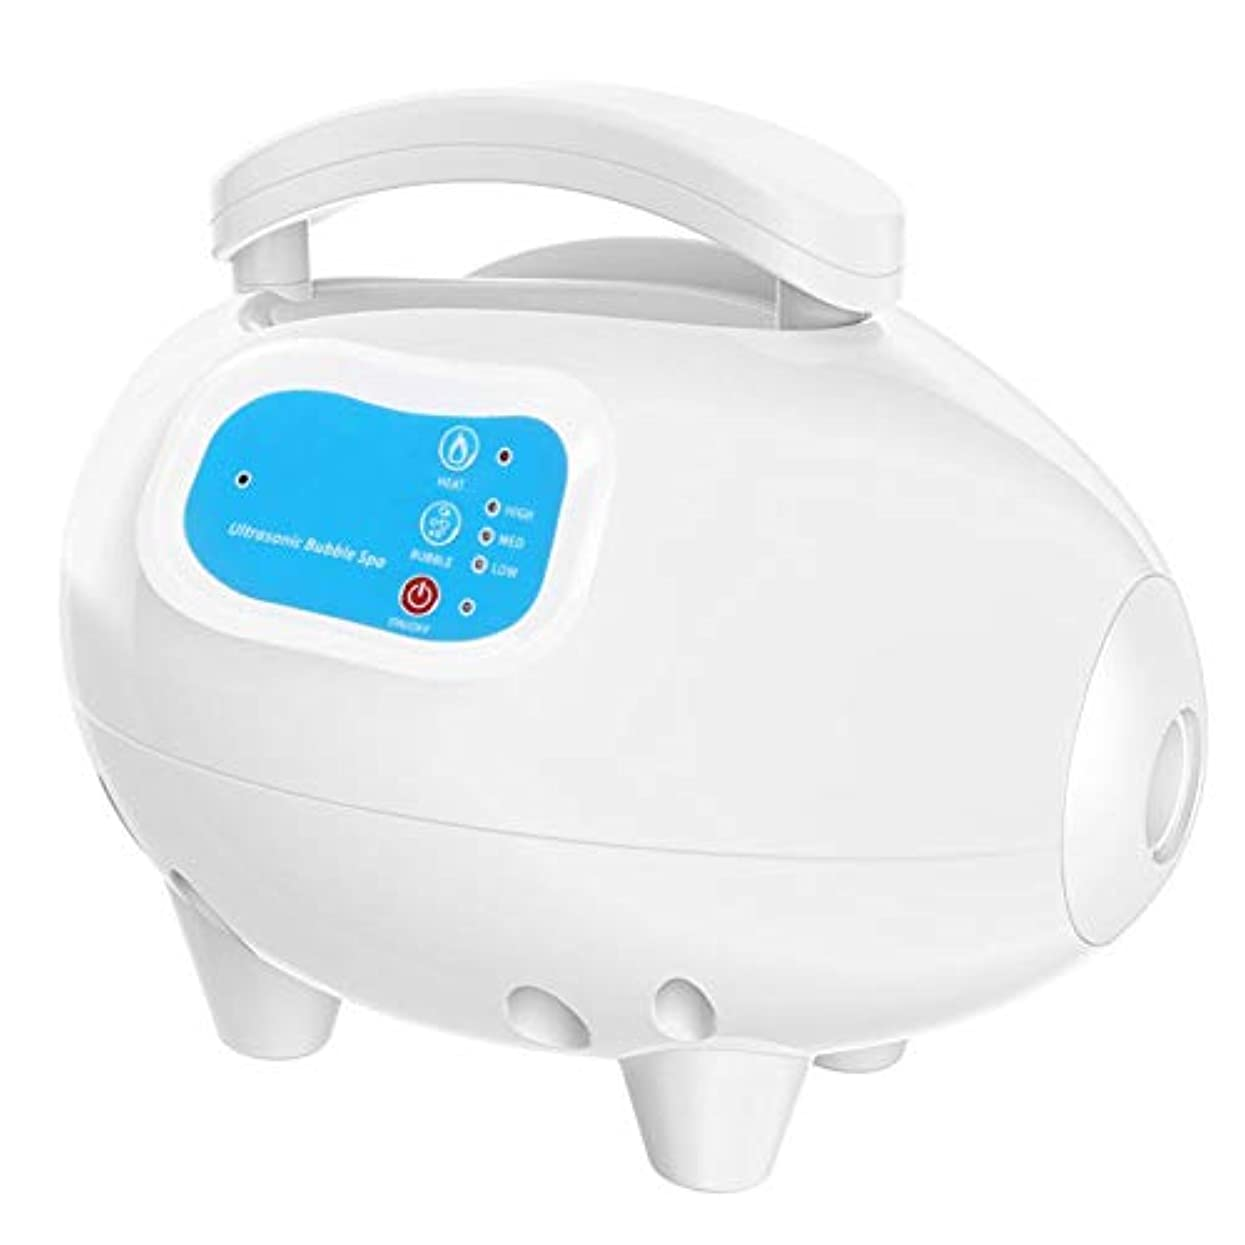 望まないバッチマリンスパ泡風呂浴槽機防水エアー泡風呂浴槽殺菌ボディスパマッサージマット付きエアホース(110?220V)